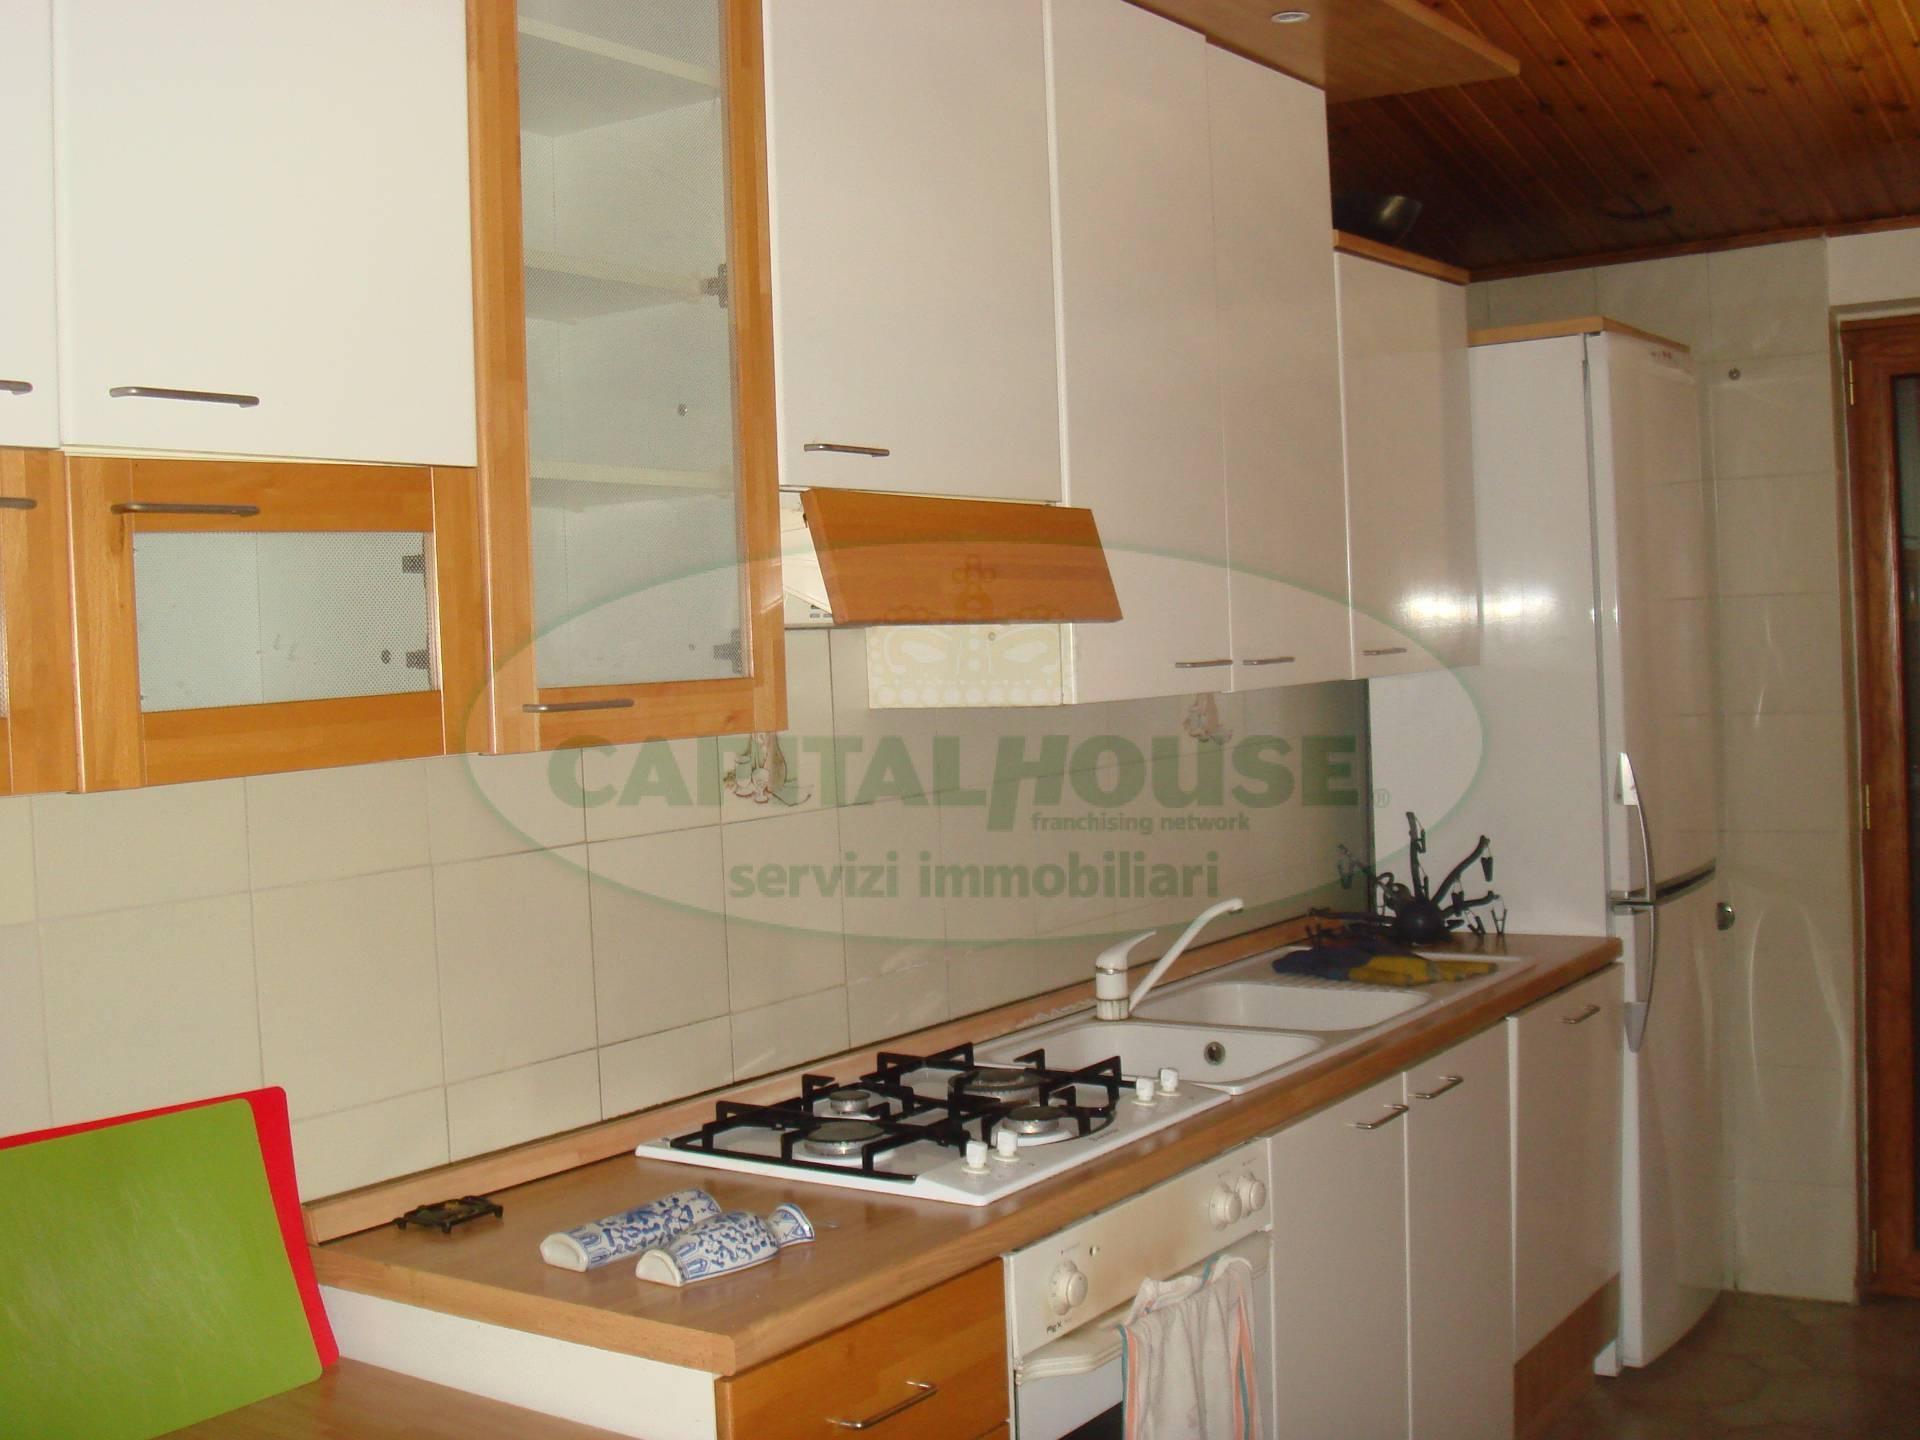 Attico / Mansarda in affitto a Santa Maria Capua Vetere, 4 locali, prezzo € 600 | Cambio Casa.it